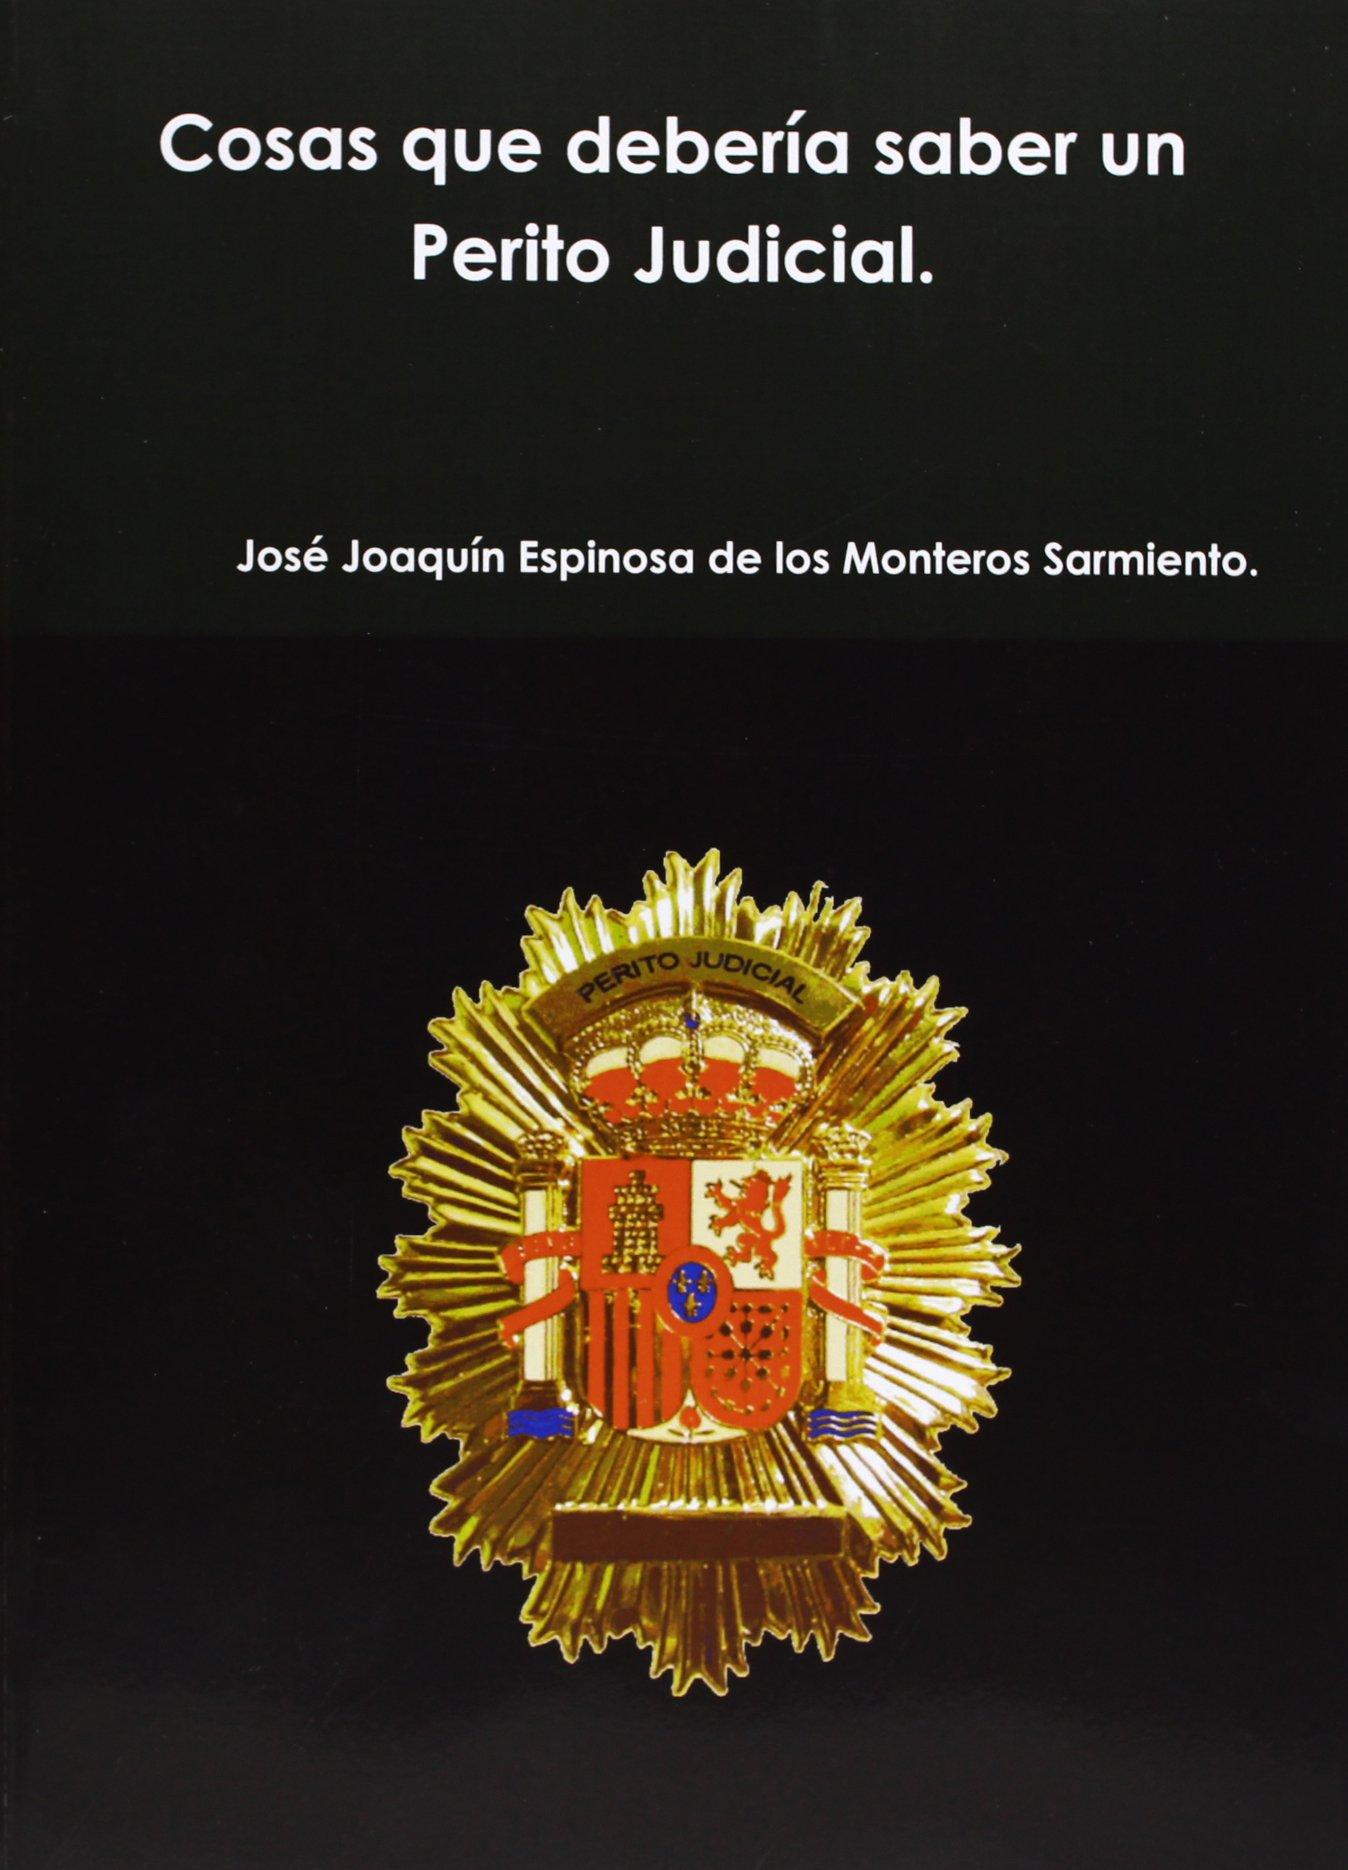 Cosas Que Debería Saber Un Perito Judicial. Cosas Que Deberia Saber Todo Perito  Judicial.: Amazon.es: José Joaquin Espinosa De Los Monteros Sarmiento: ...